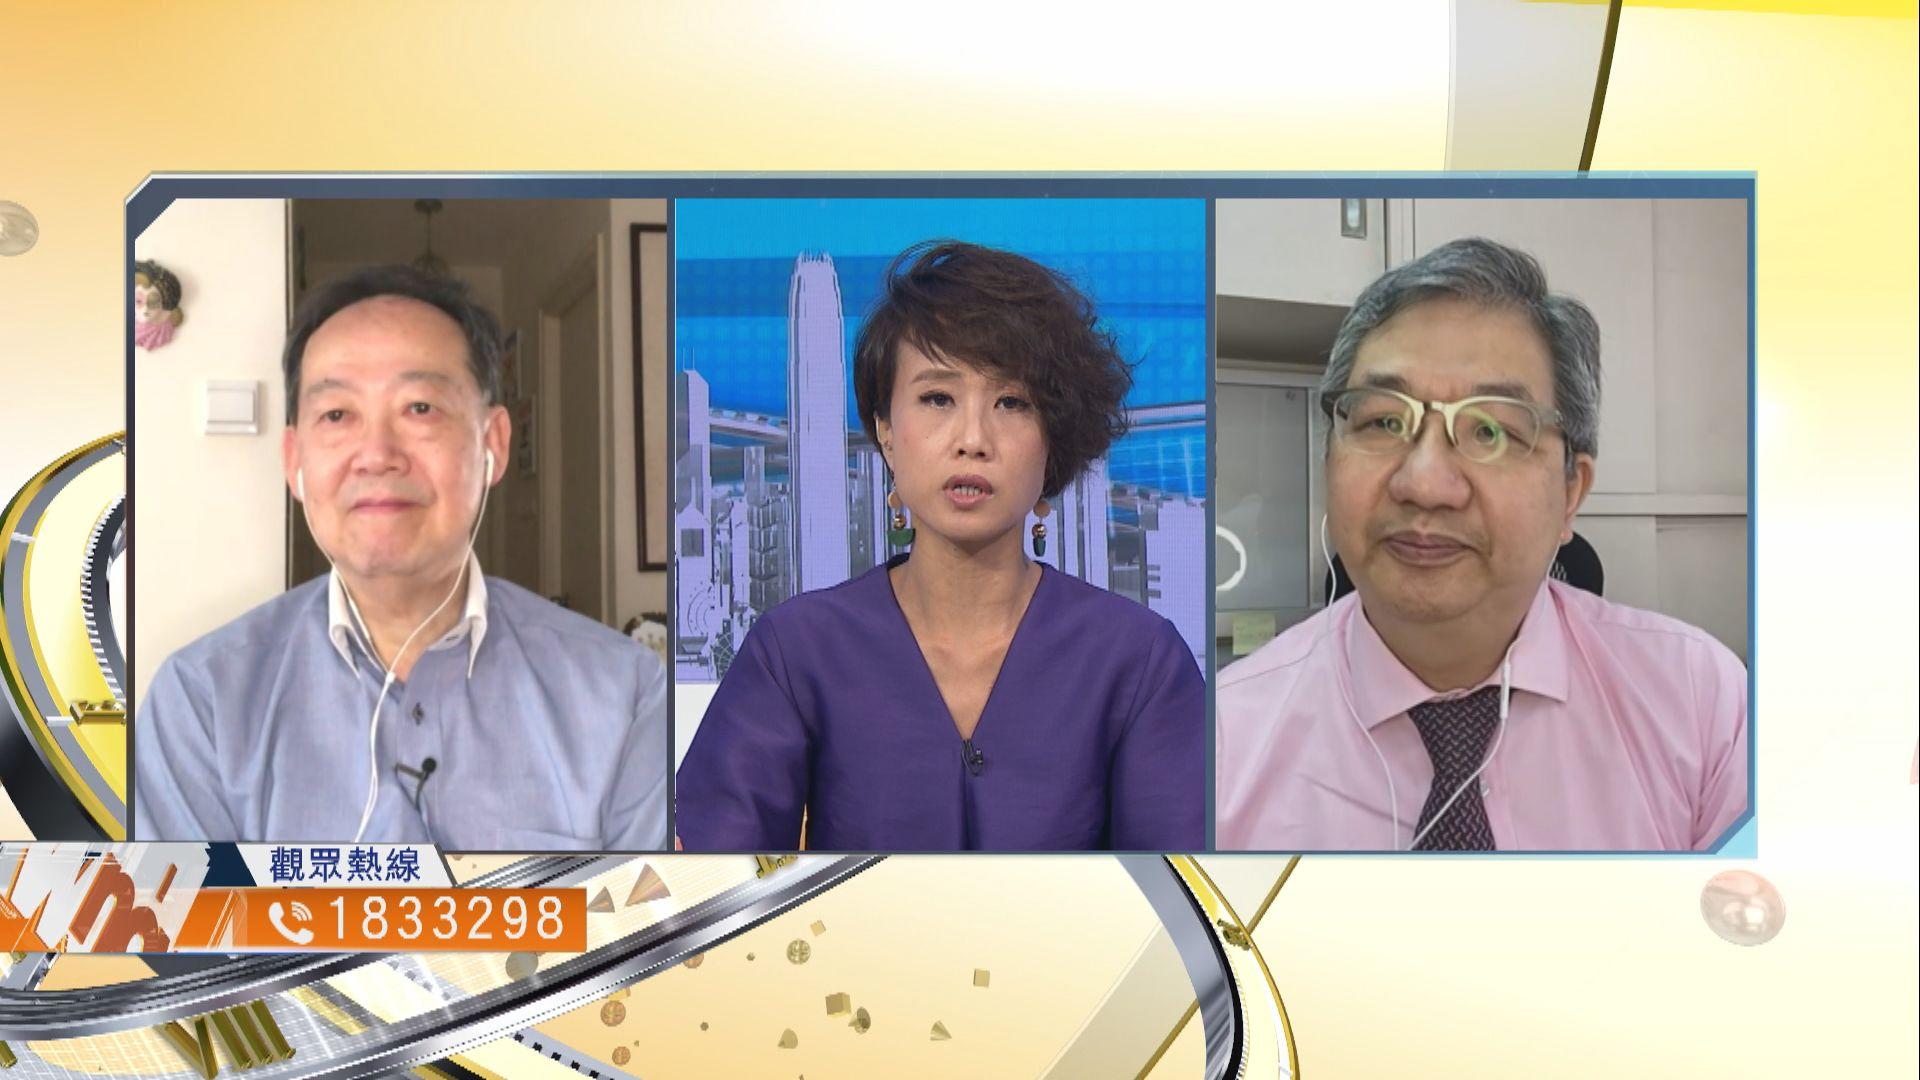 【時事全方位】本港是否需要推行病毒全民檢測?(二)